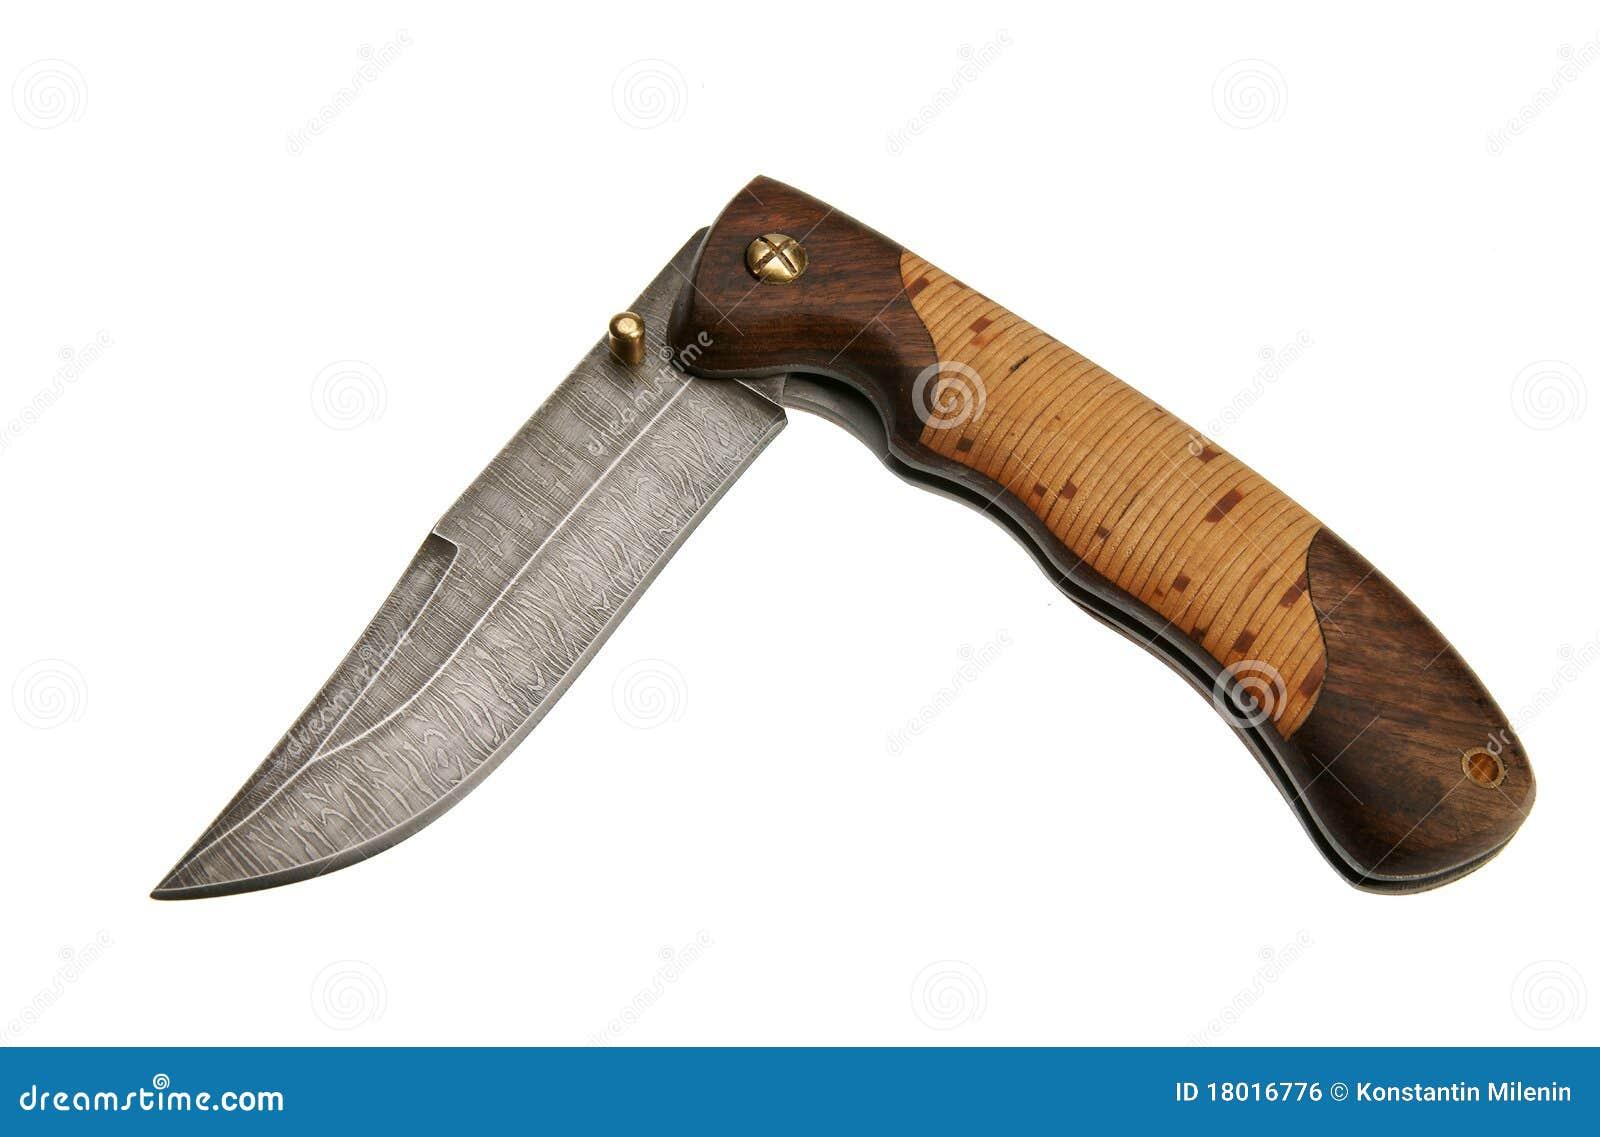 Penknife Stock Photo Image Of Knife Hardwood Safety